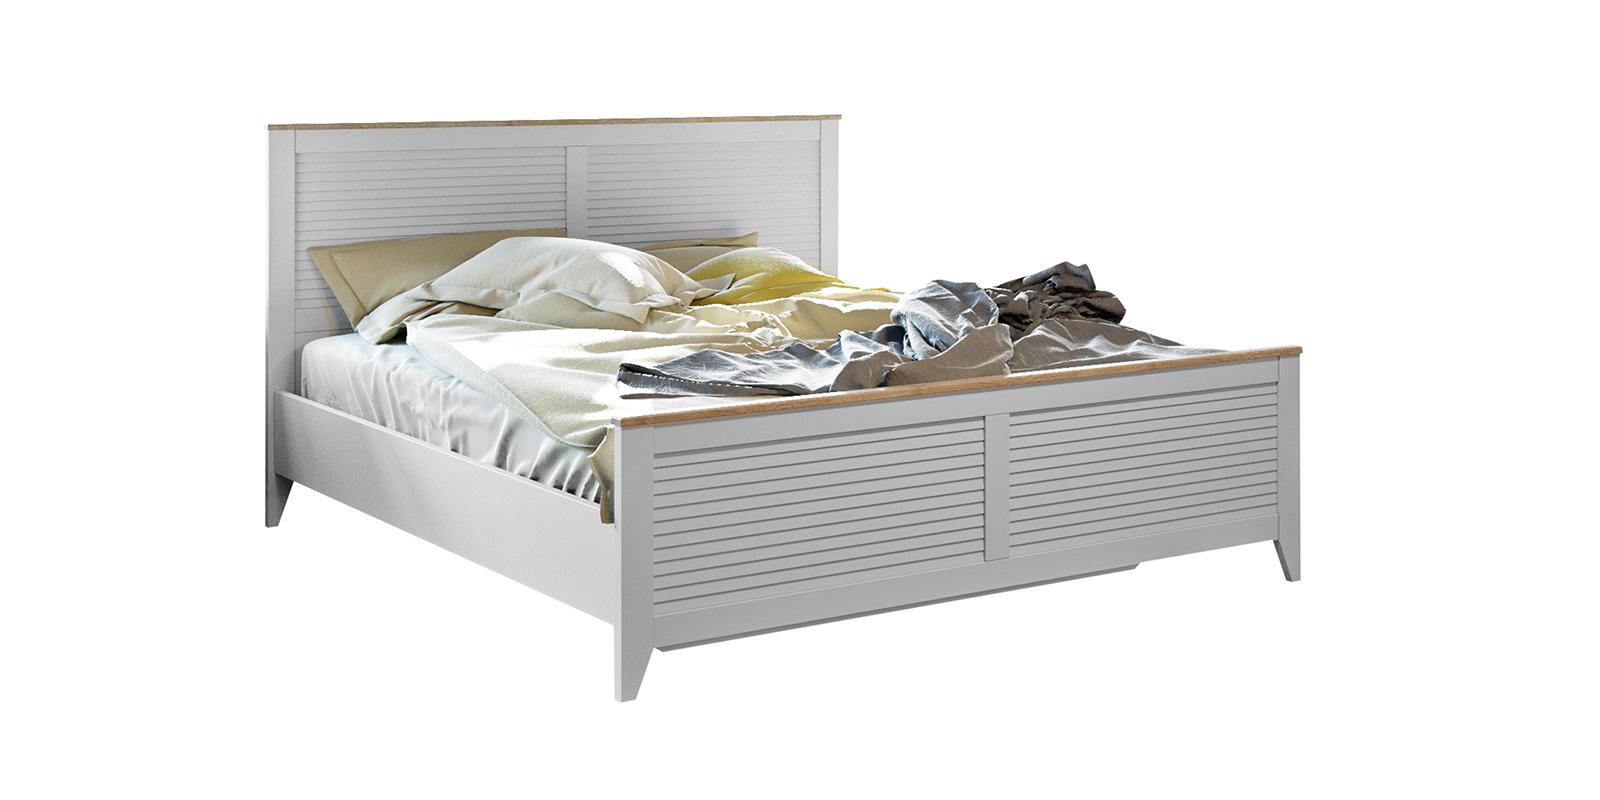 Кровать каркасная 200х160 Мерида без подъемного механизма (дуб бежевый/белый)